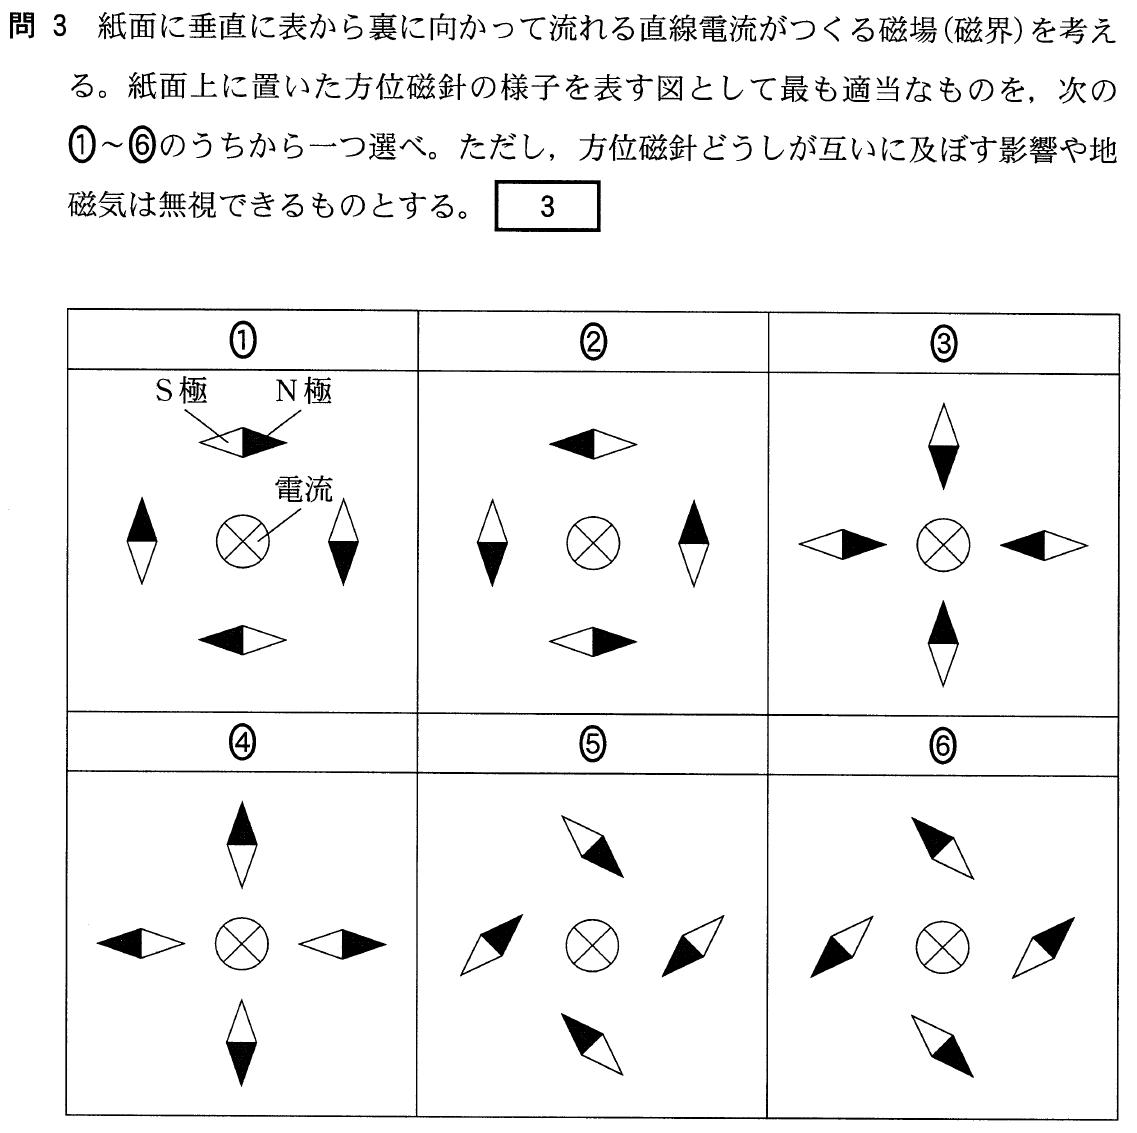 使い方 方位 磁針